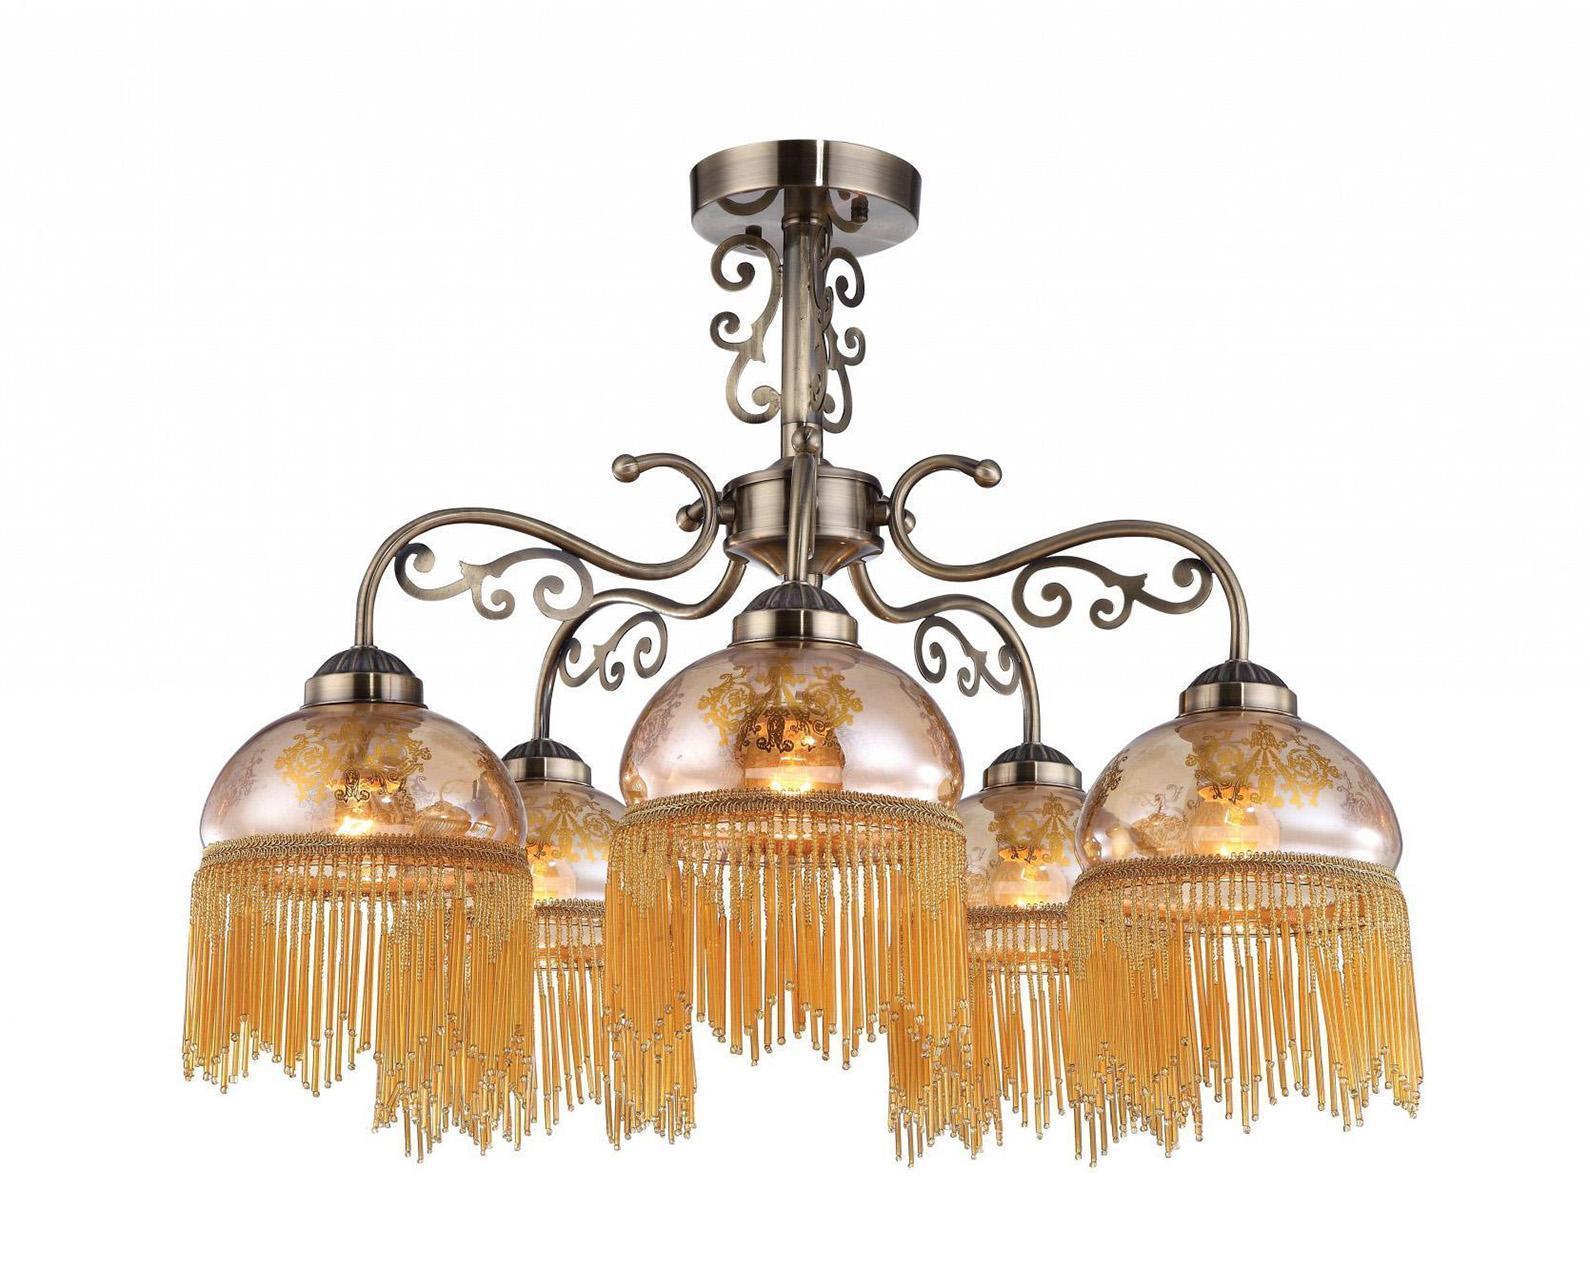 Люстра Arte lamp A9560pl-5ab arte lamp люстра arte lamp a7556pl 5ab